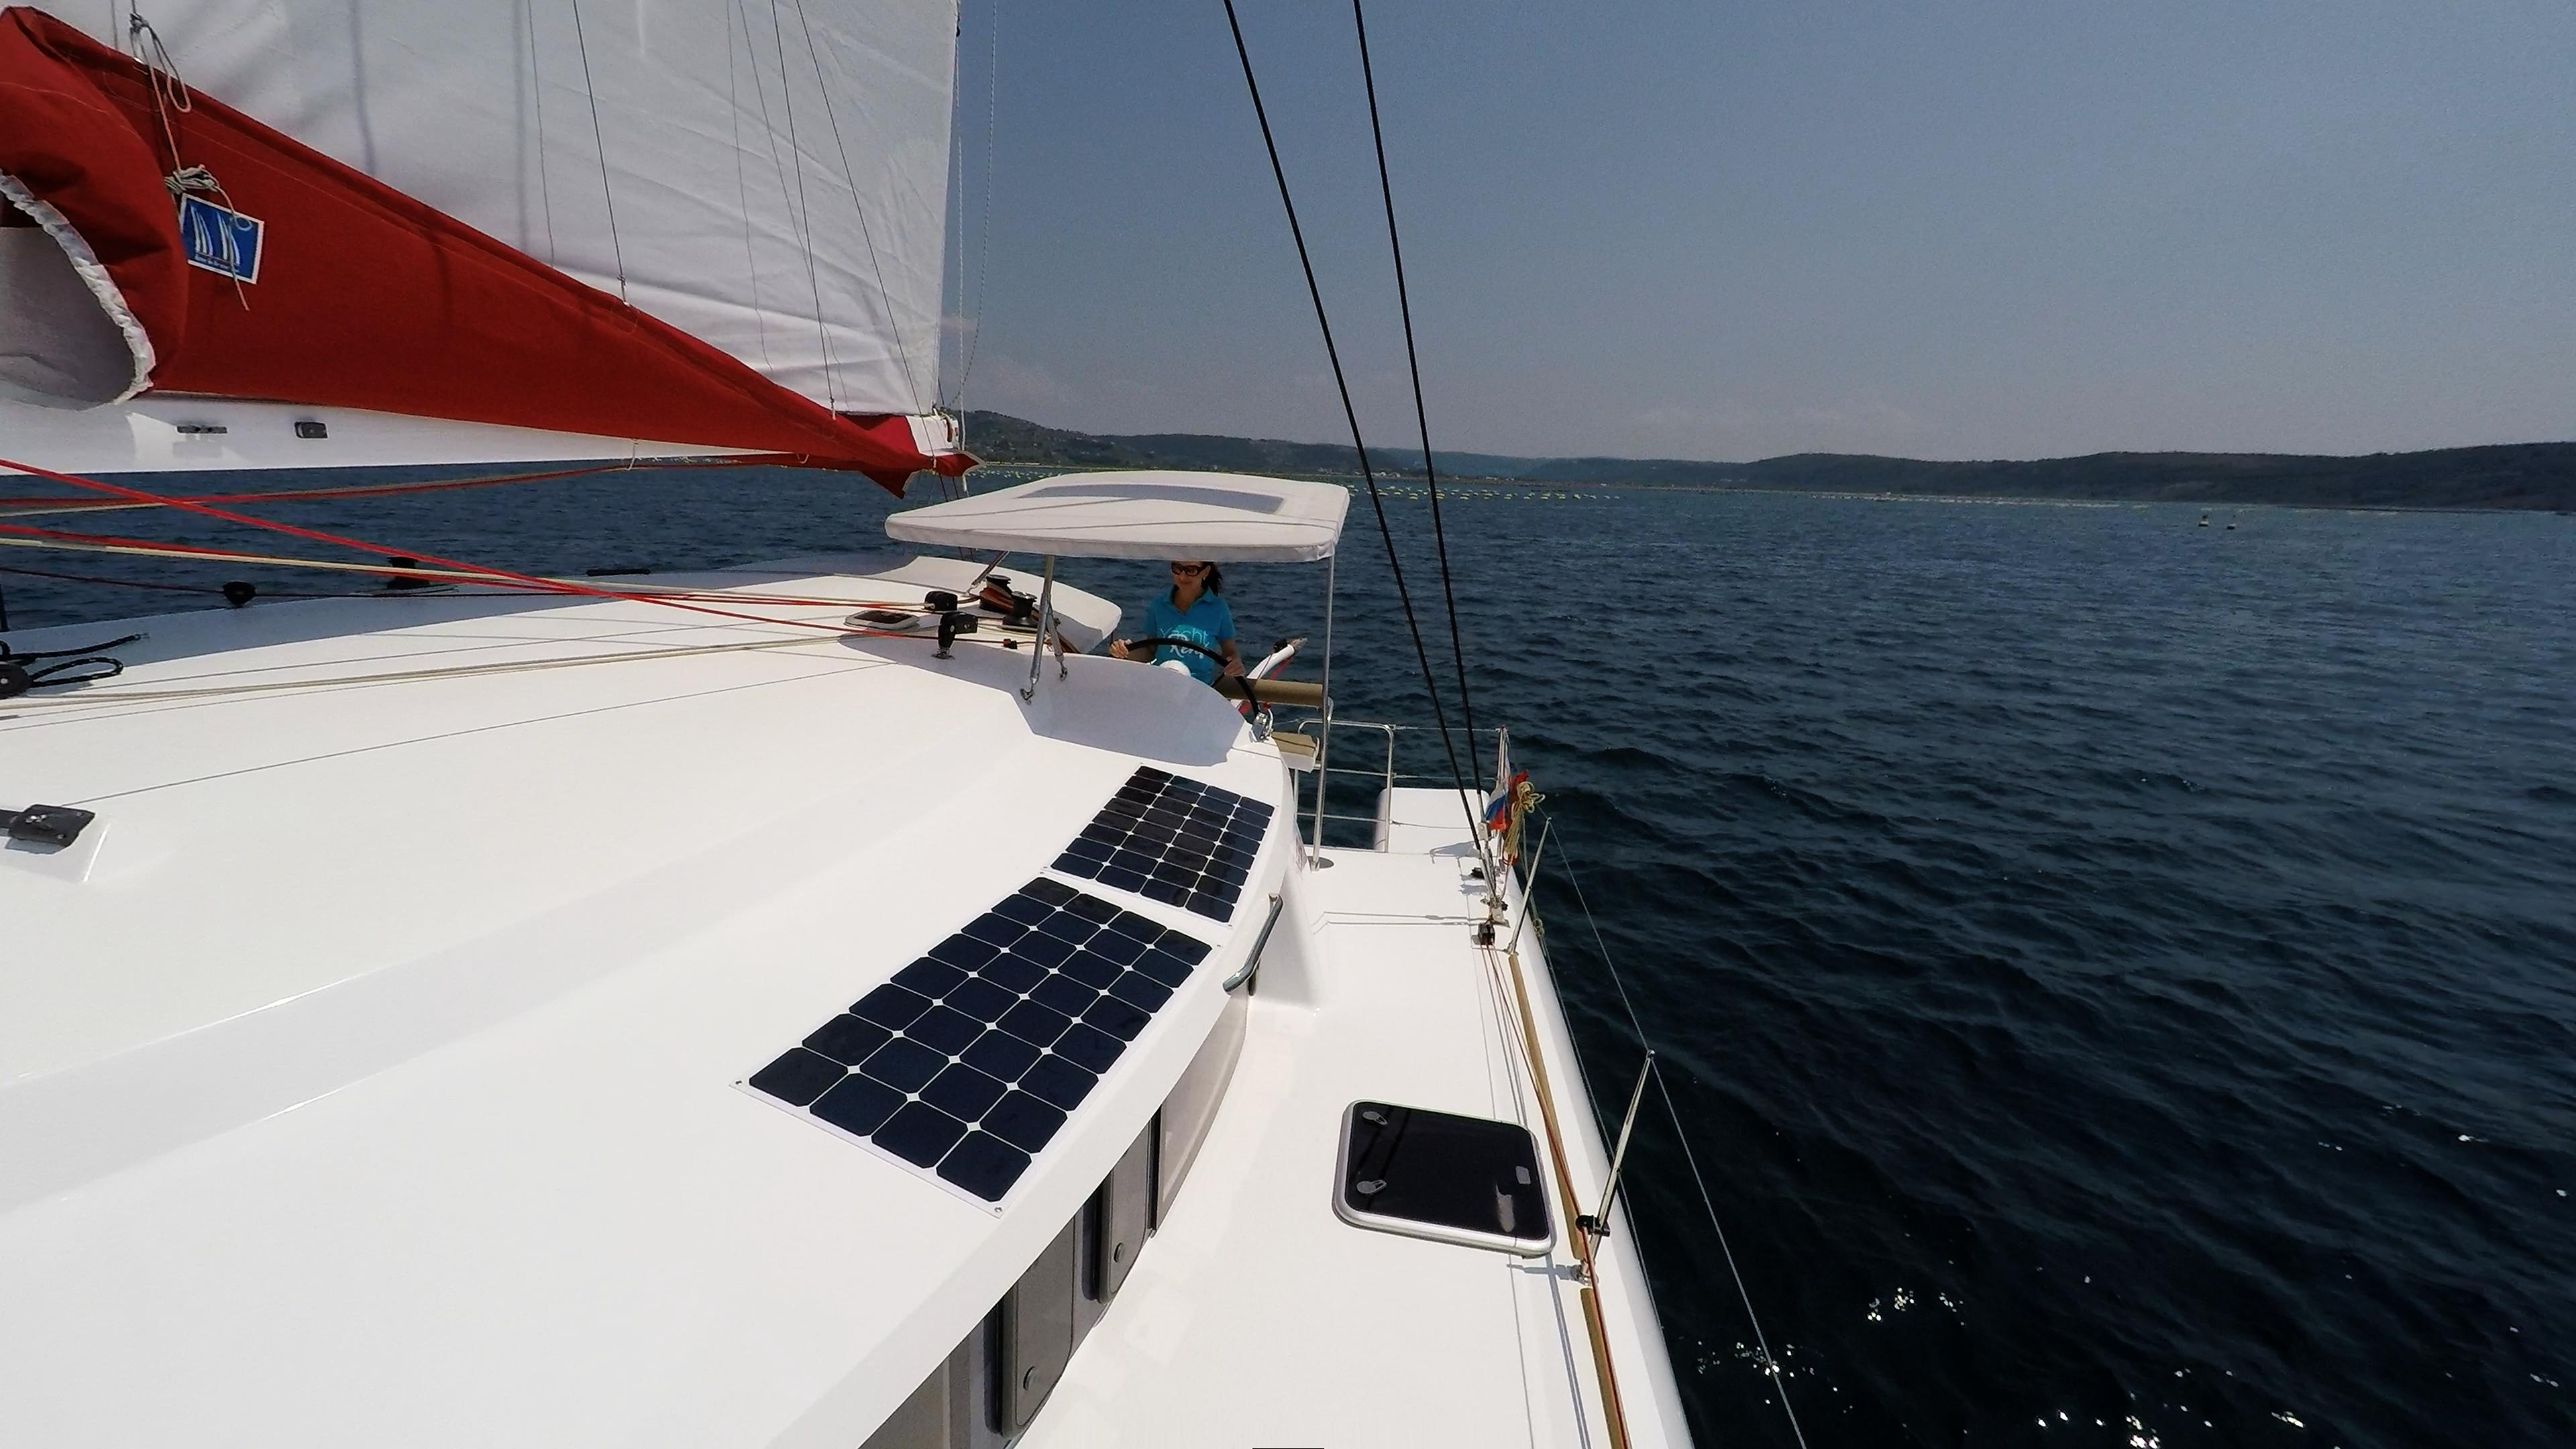 ragazza in skipper cockpit ruota del timone barca a vela trimarano